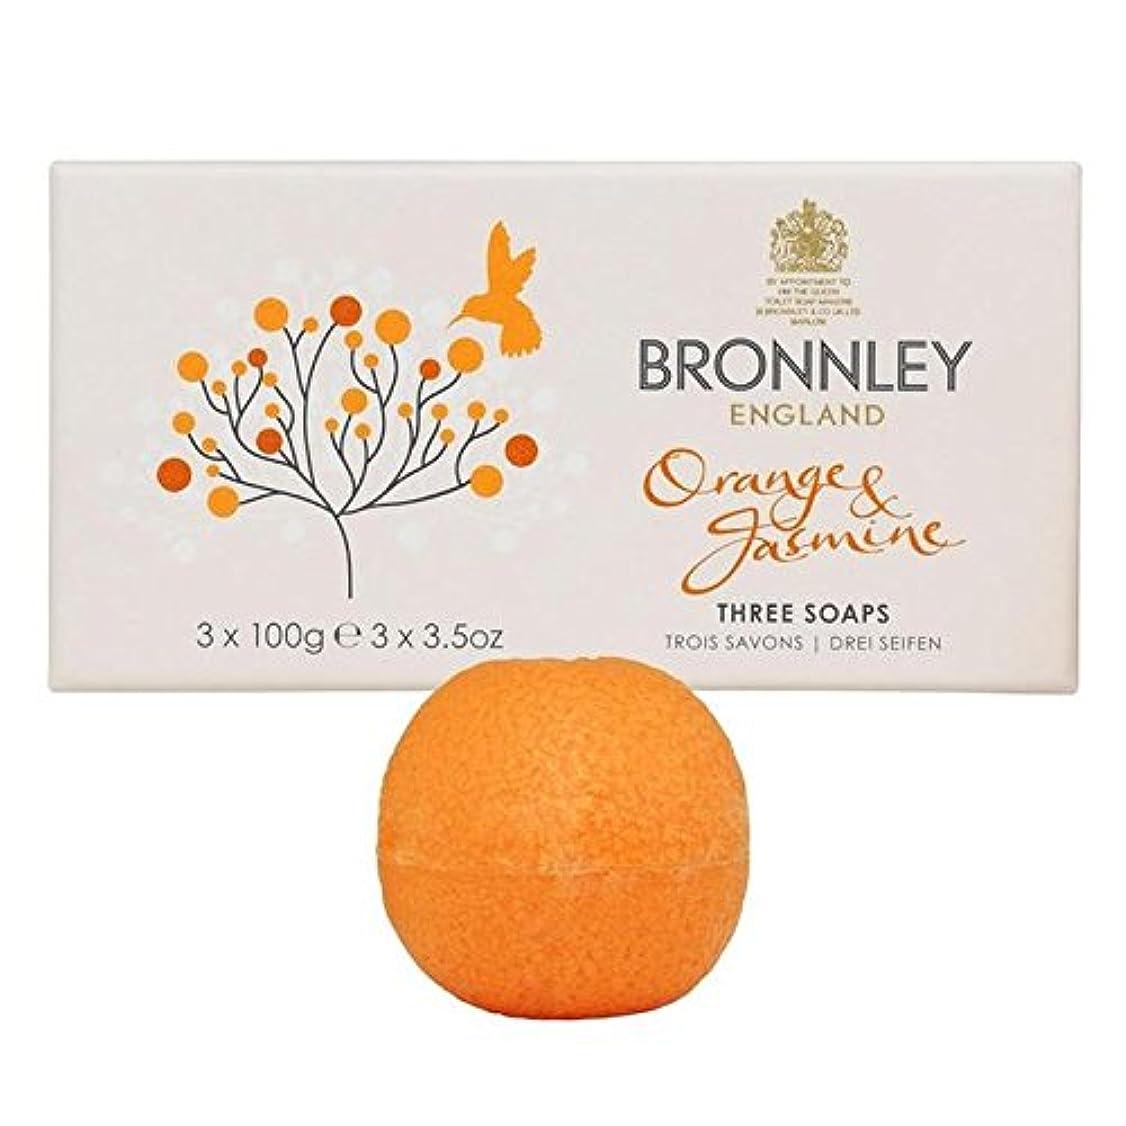 里親ギャングサッカーオレンジ&ジャスミン石鹸3×100グラム x2 - Bronnley Orange & Jasmine Soaps 3 x 100g (Pack of 2) [並行輸入品]